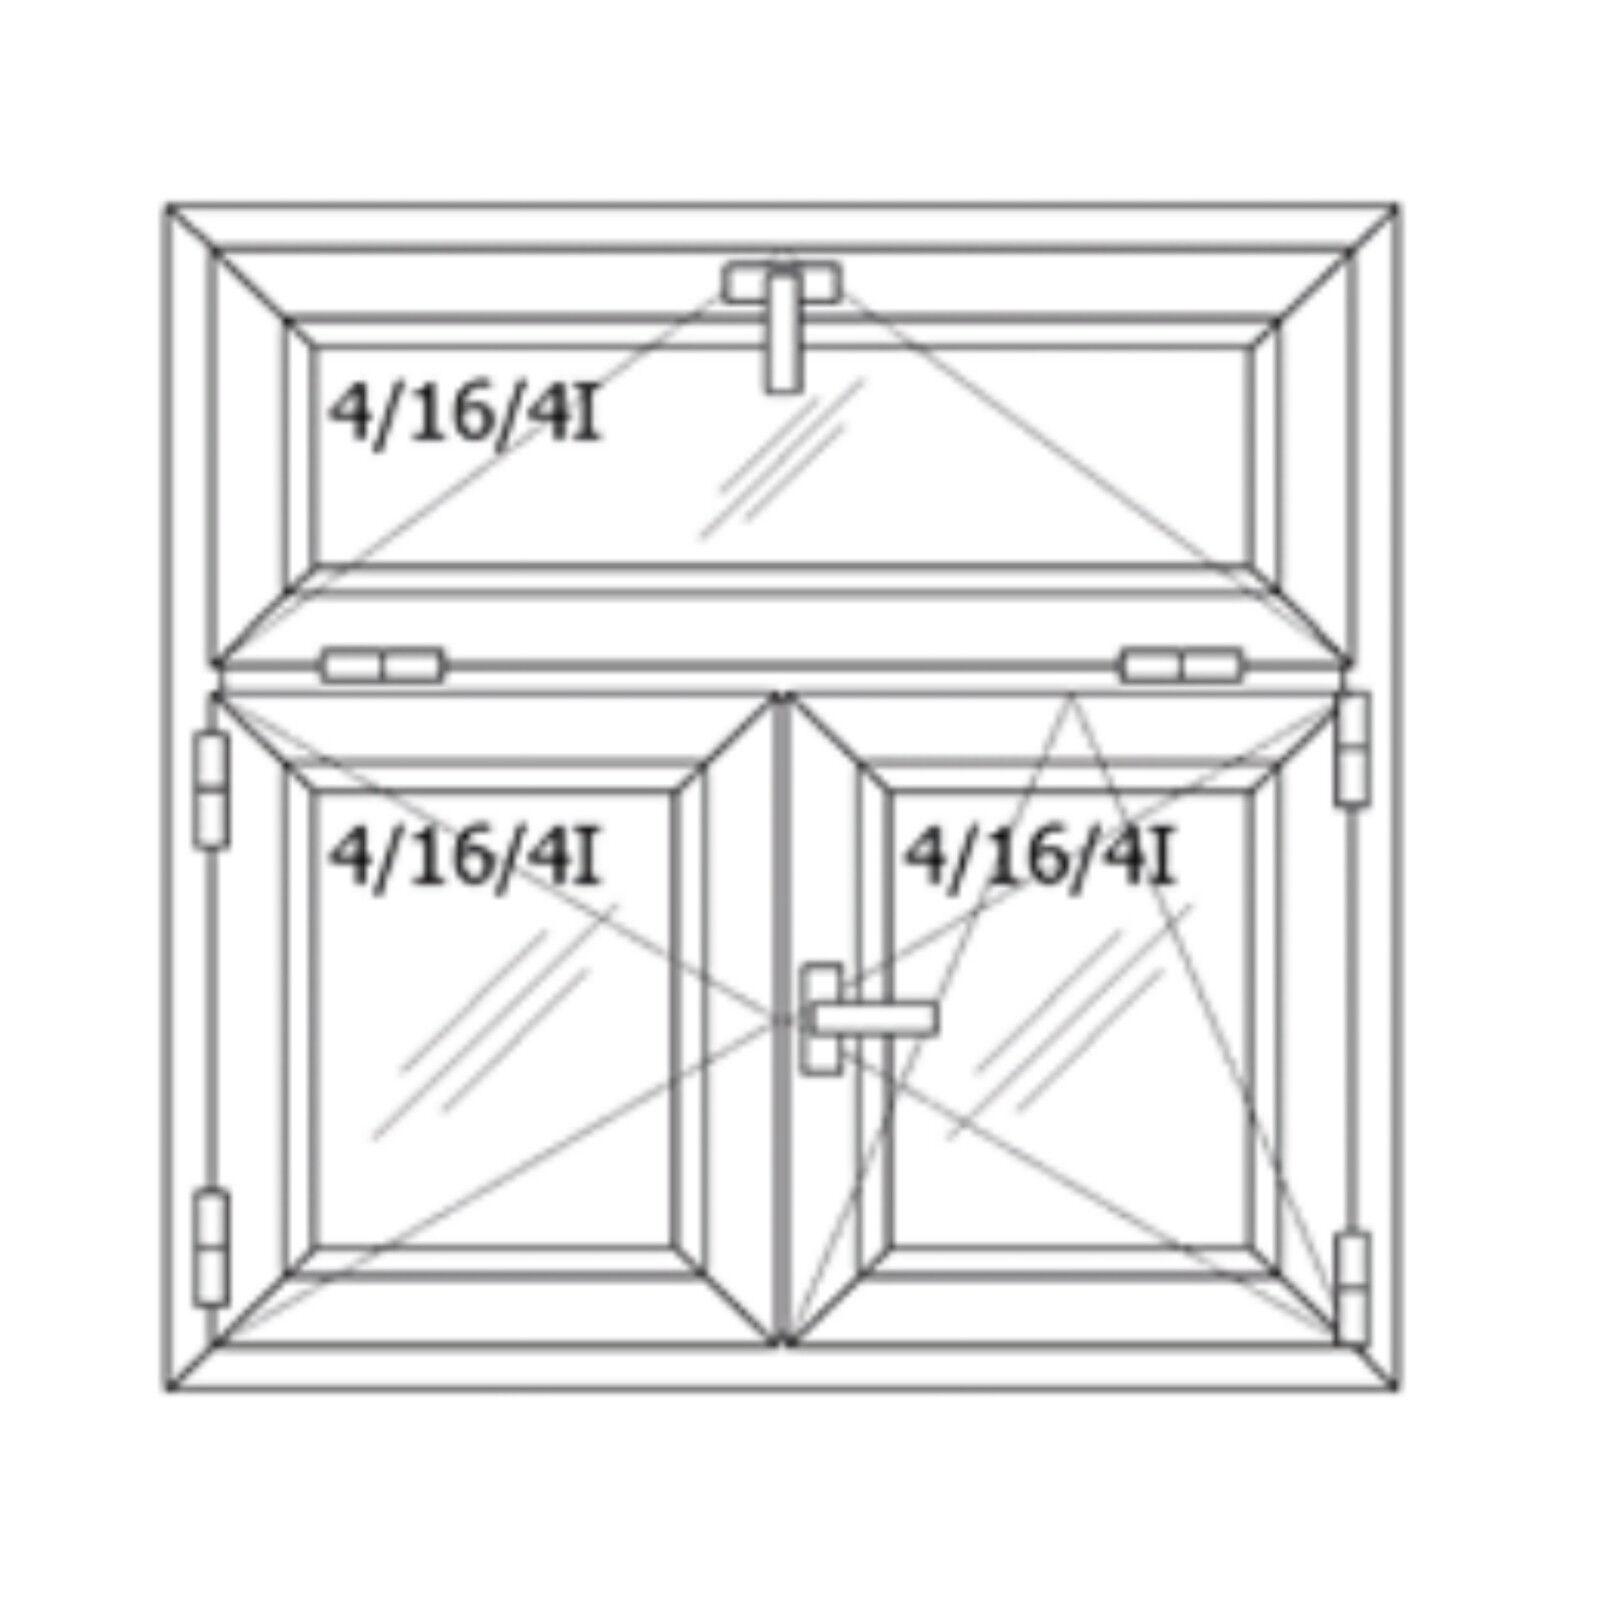 Kunststofffenster Fenster Stulp Oberlicht mit Kippfunktion 2-flügelig 2-Fach NEU